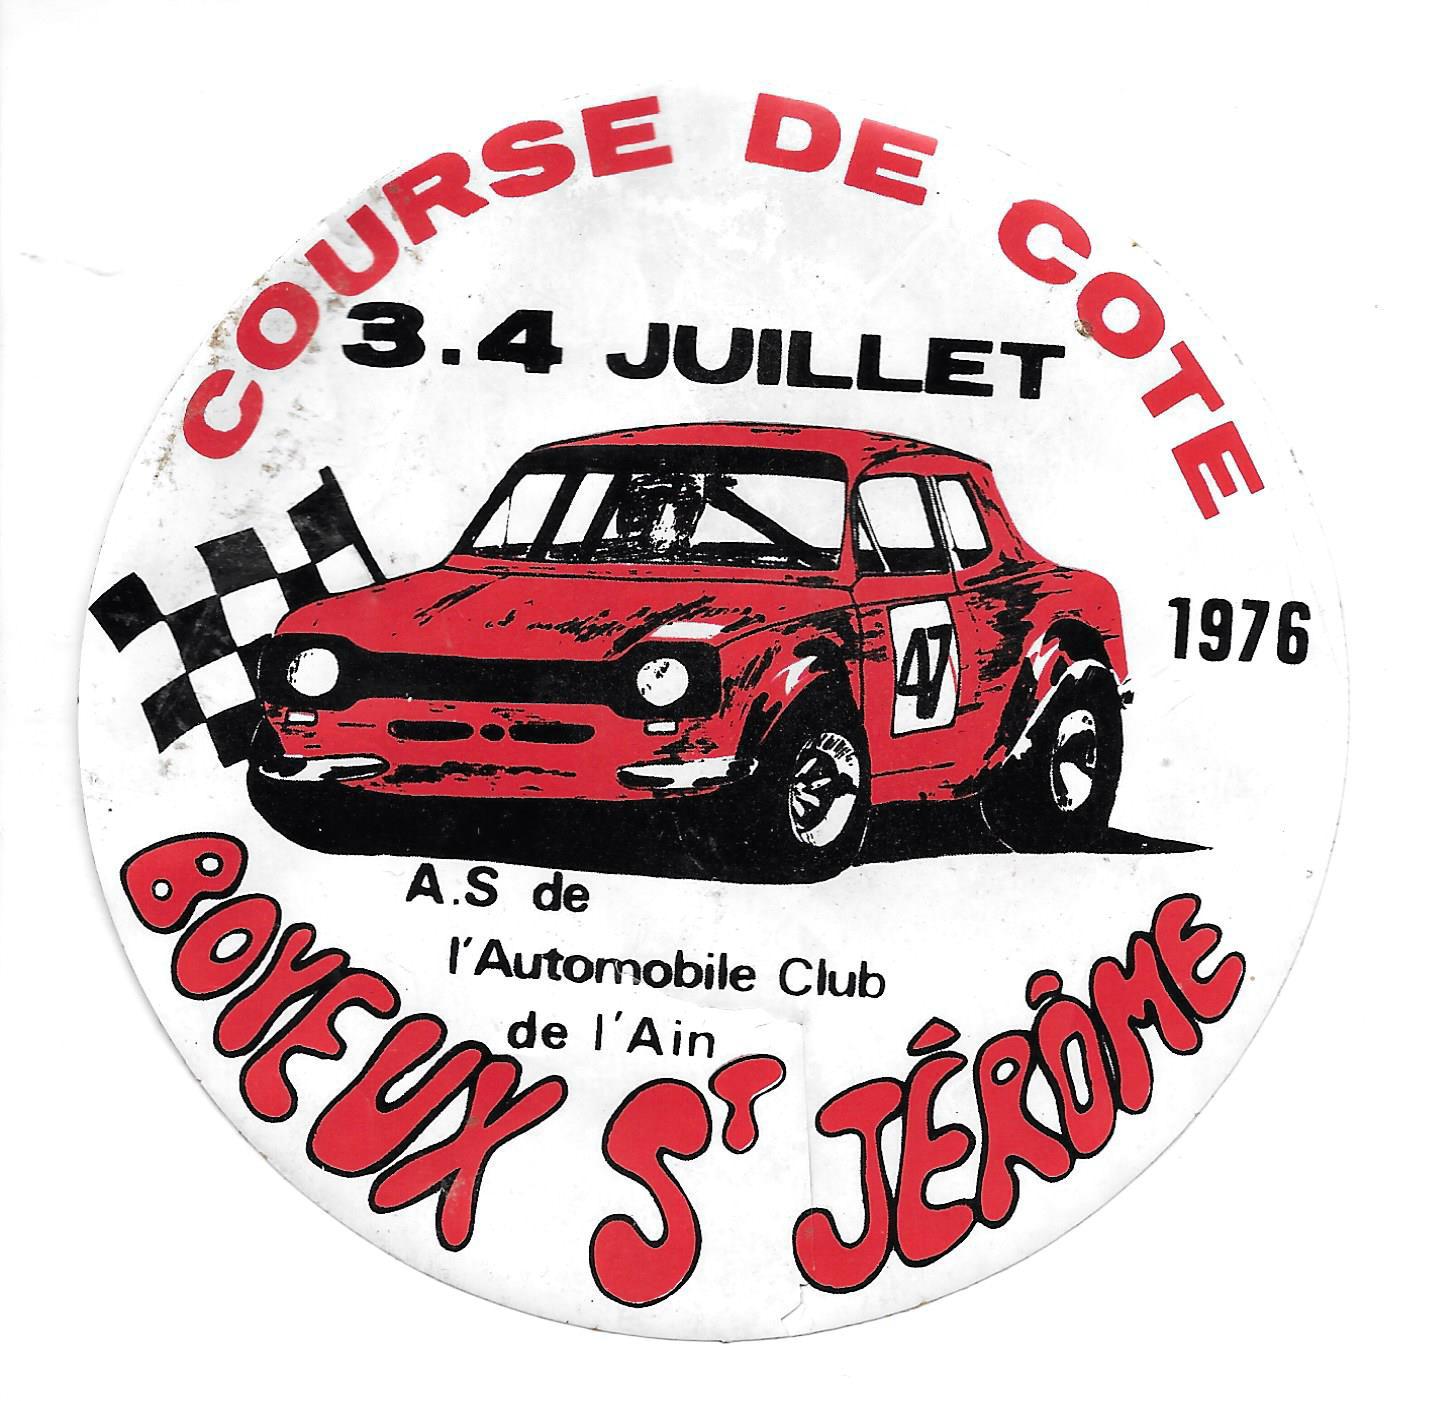 """Le """"sticker"""" de la course de  1976 (la  quatrième édition de l'épreuve)"""